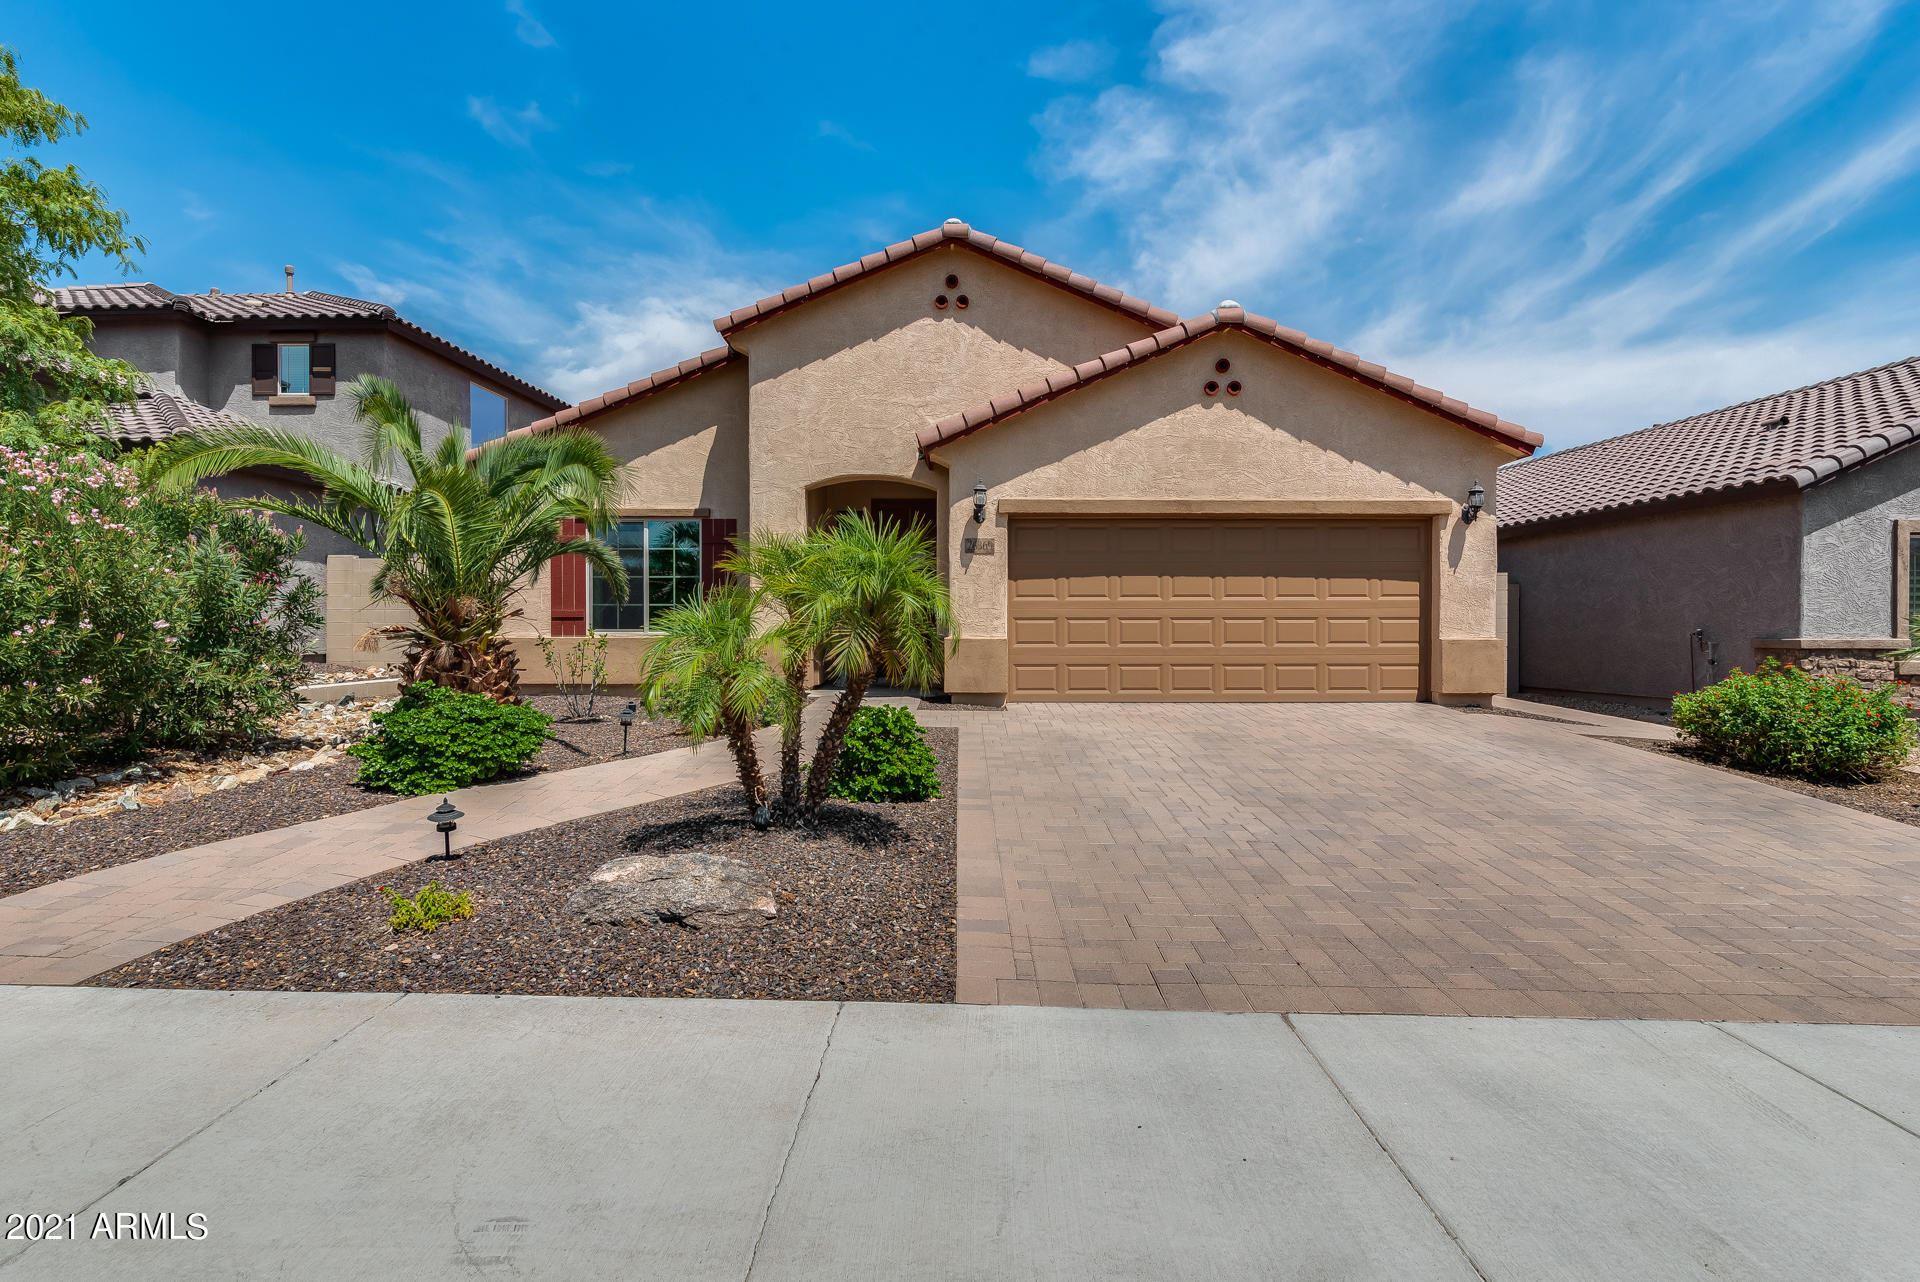 26369 N 107TH Drive, Peoria, AZ 85383 - MLS#: 6267267